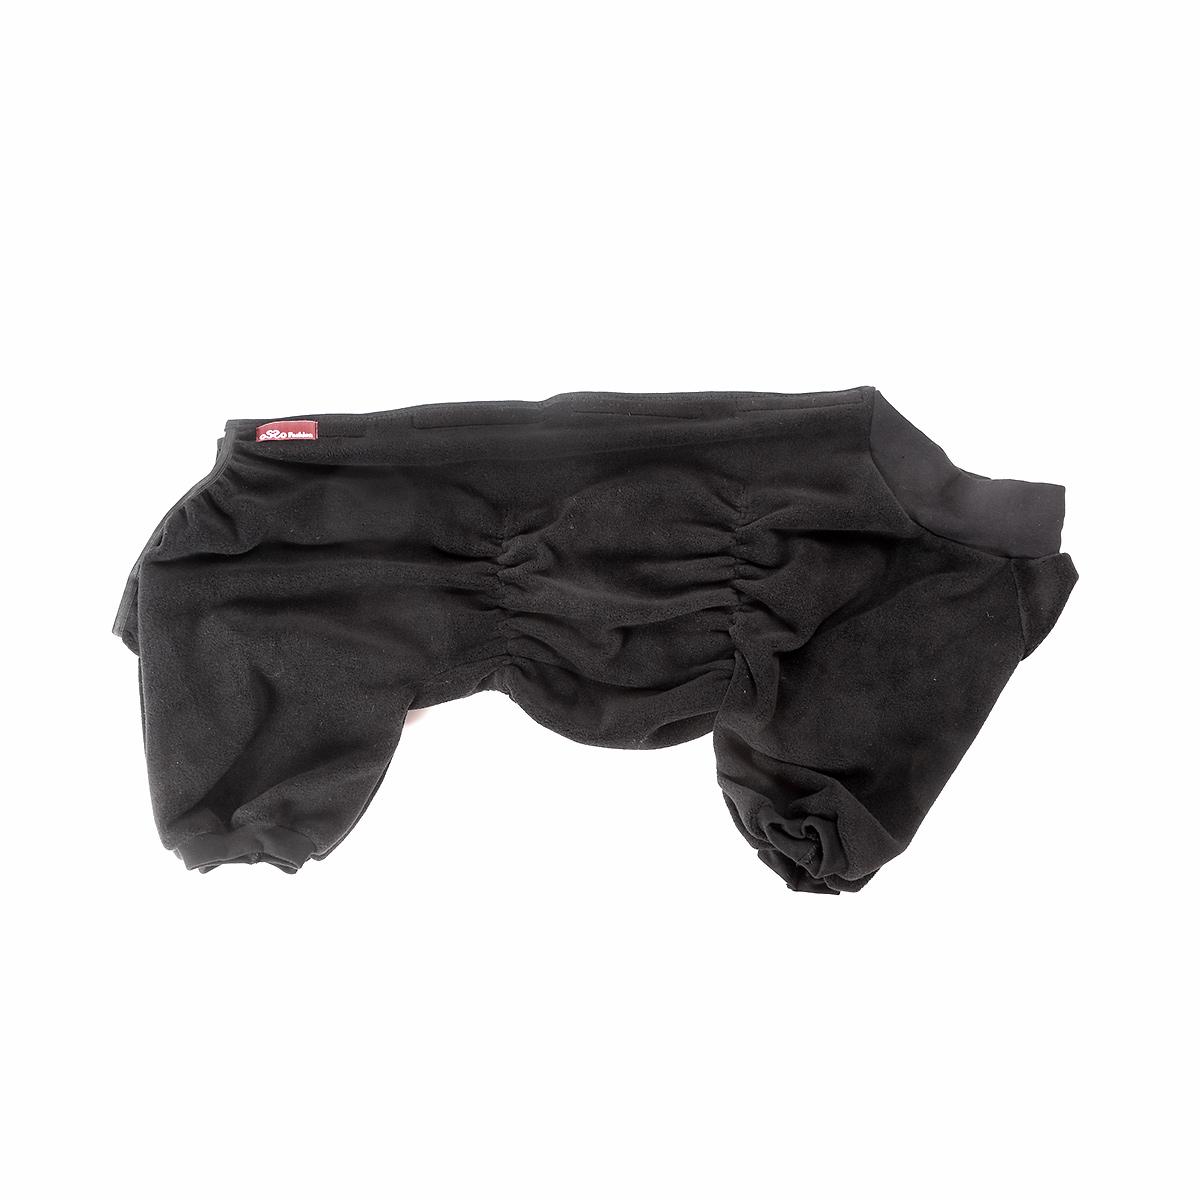 Комбинезон для собак OSSO Fashion, для мальчика, цвет: графит. Размер 55DM-140522_серо-синийКомбинезон для собак OSSO Fashion выполнен из флиса. Комфортная посадка по корпусу достигается за счет резинок-утяжек под грудью и животом. На воротнике имеются завязки, для дополнительной фиксации. Можно носить самостоятельно и как поддевку под комбинезон для собак. Изделие отлично стирается, быстро сохнет.Длина спинки: 55 см.Объем груди: 66-90 см.